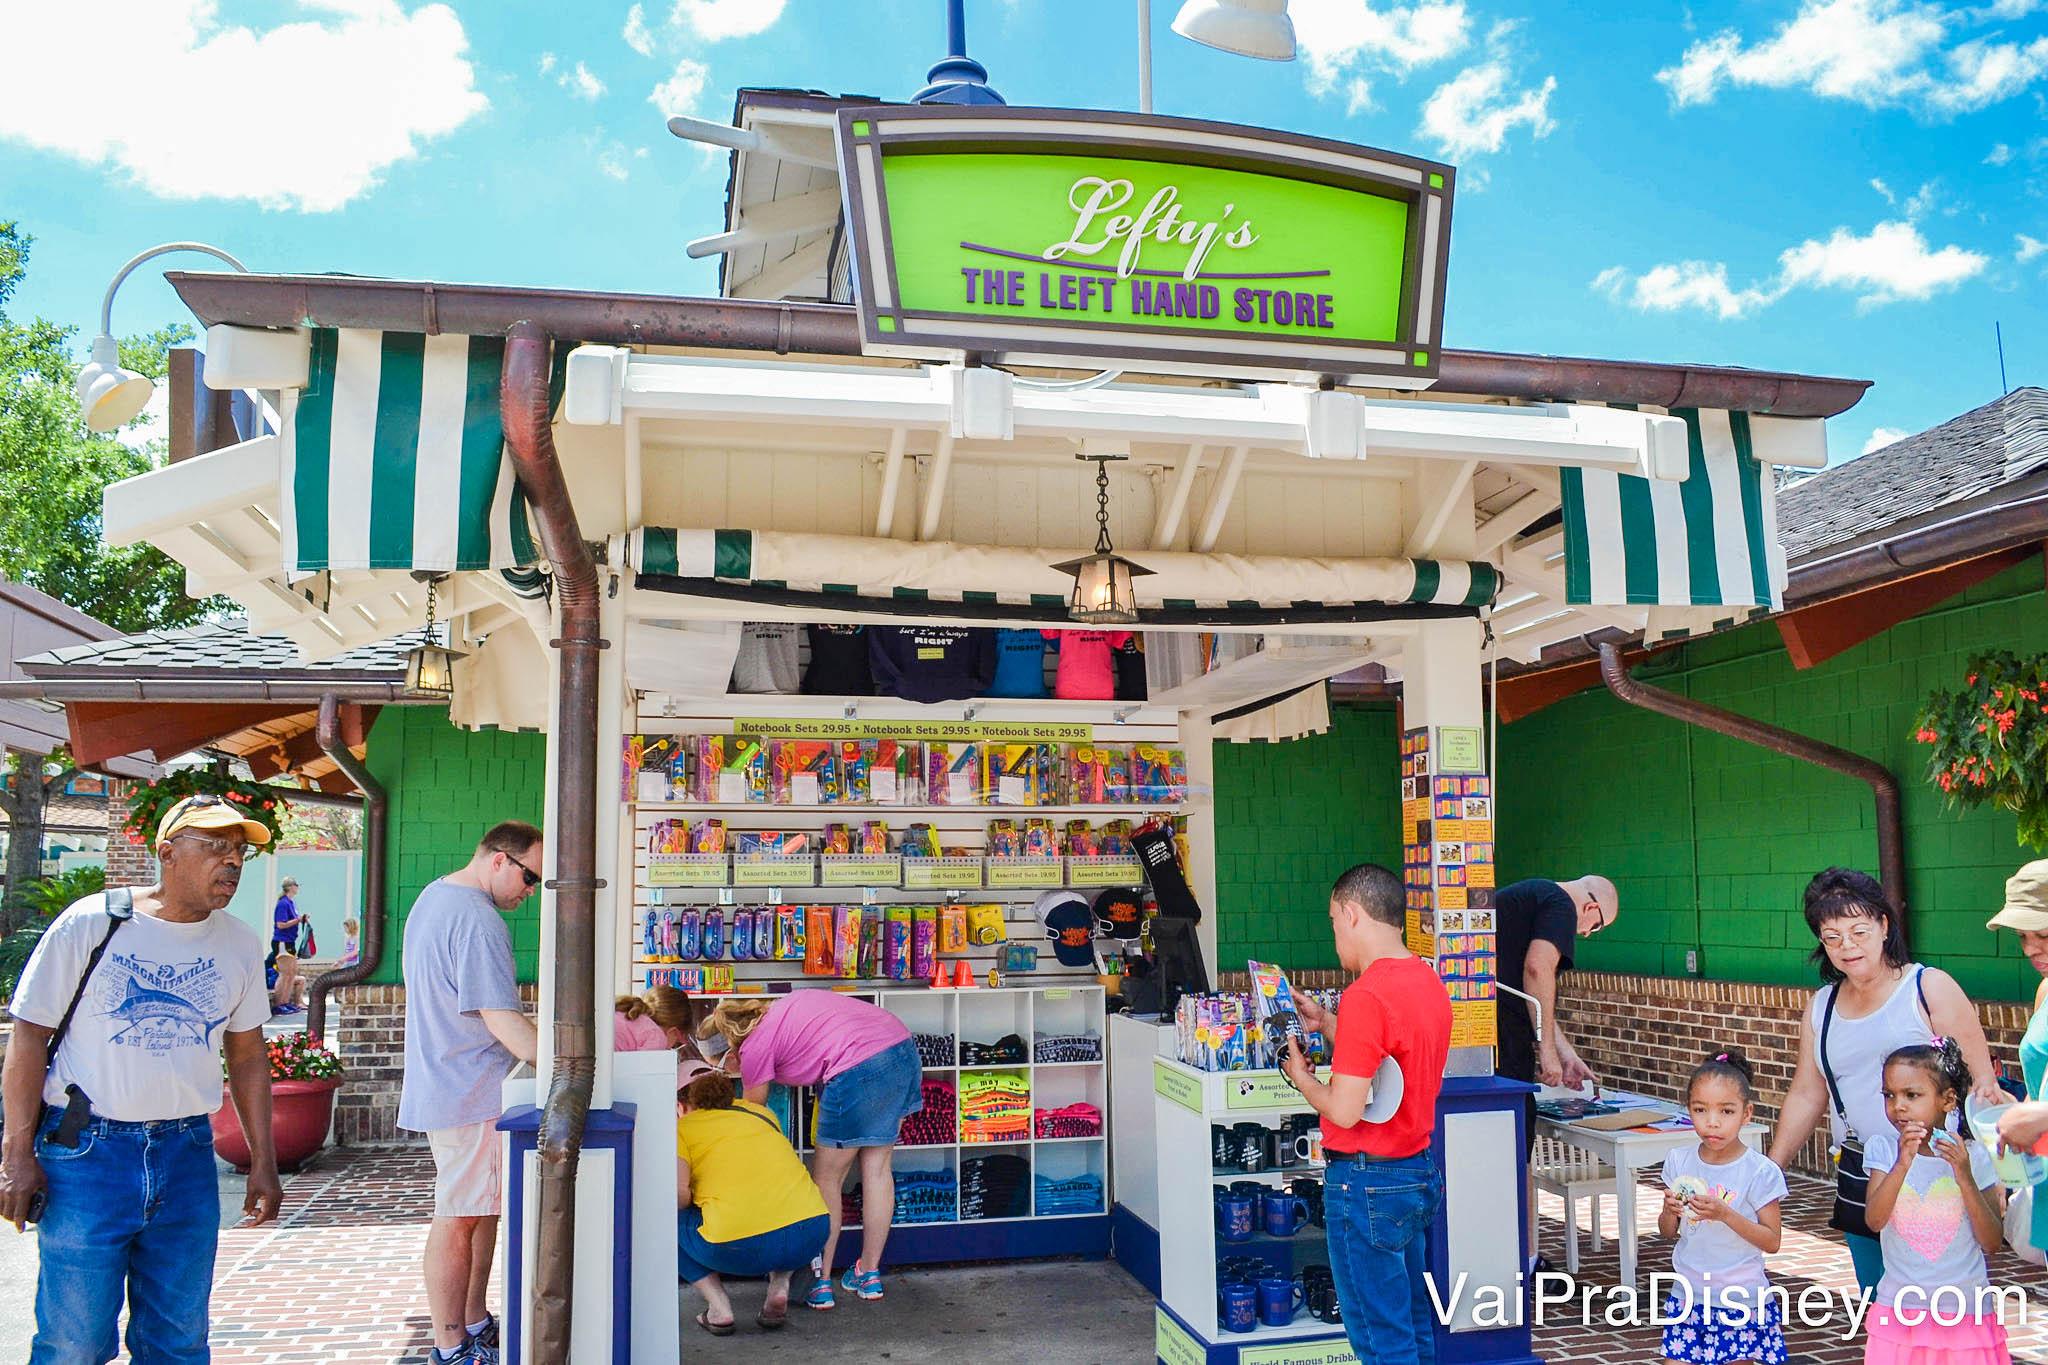 Foto do Lefty's, o quiosque de Disney Springs que vende produtos específicos para canhotos. Há vários visitantes passando em frente e alguns escolhendo produtos.